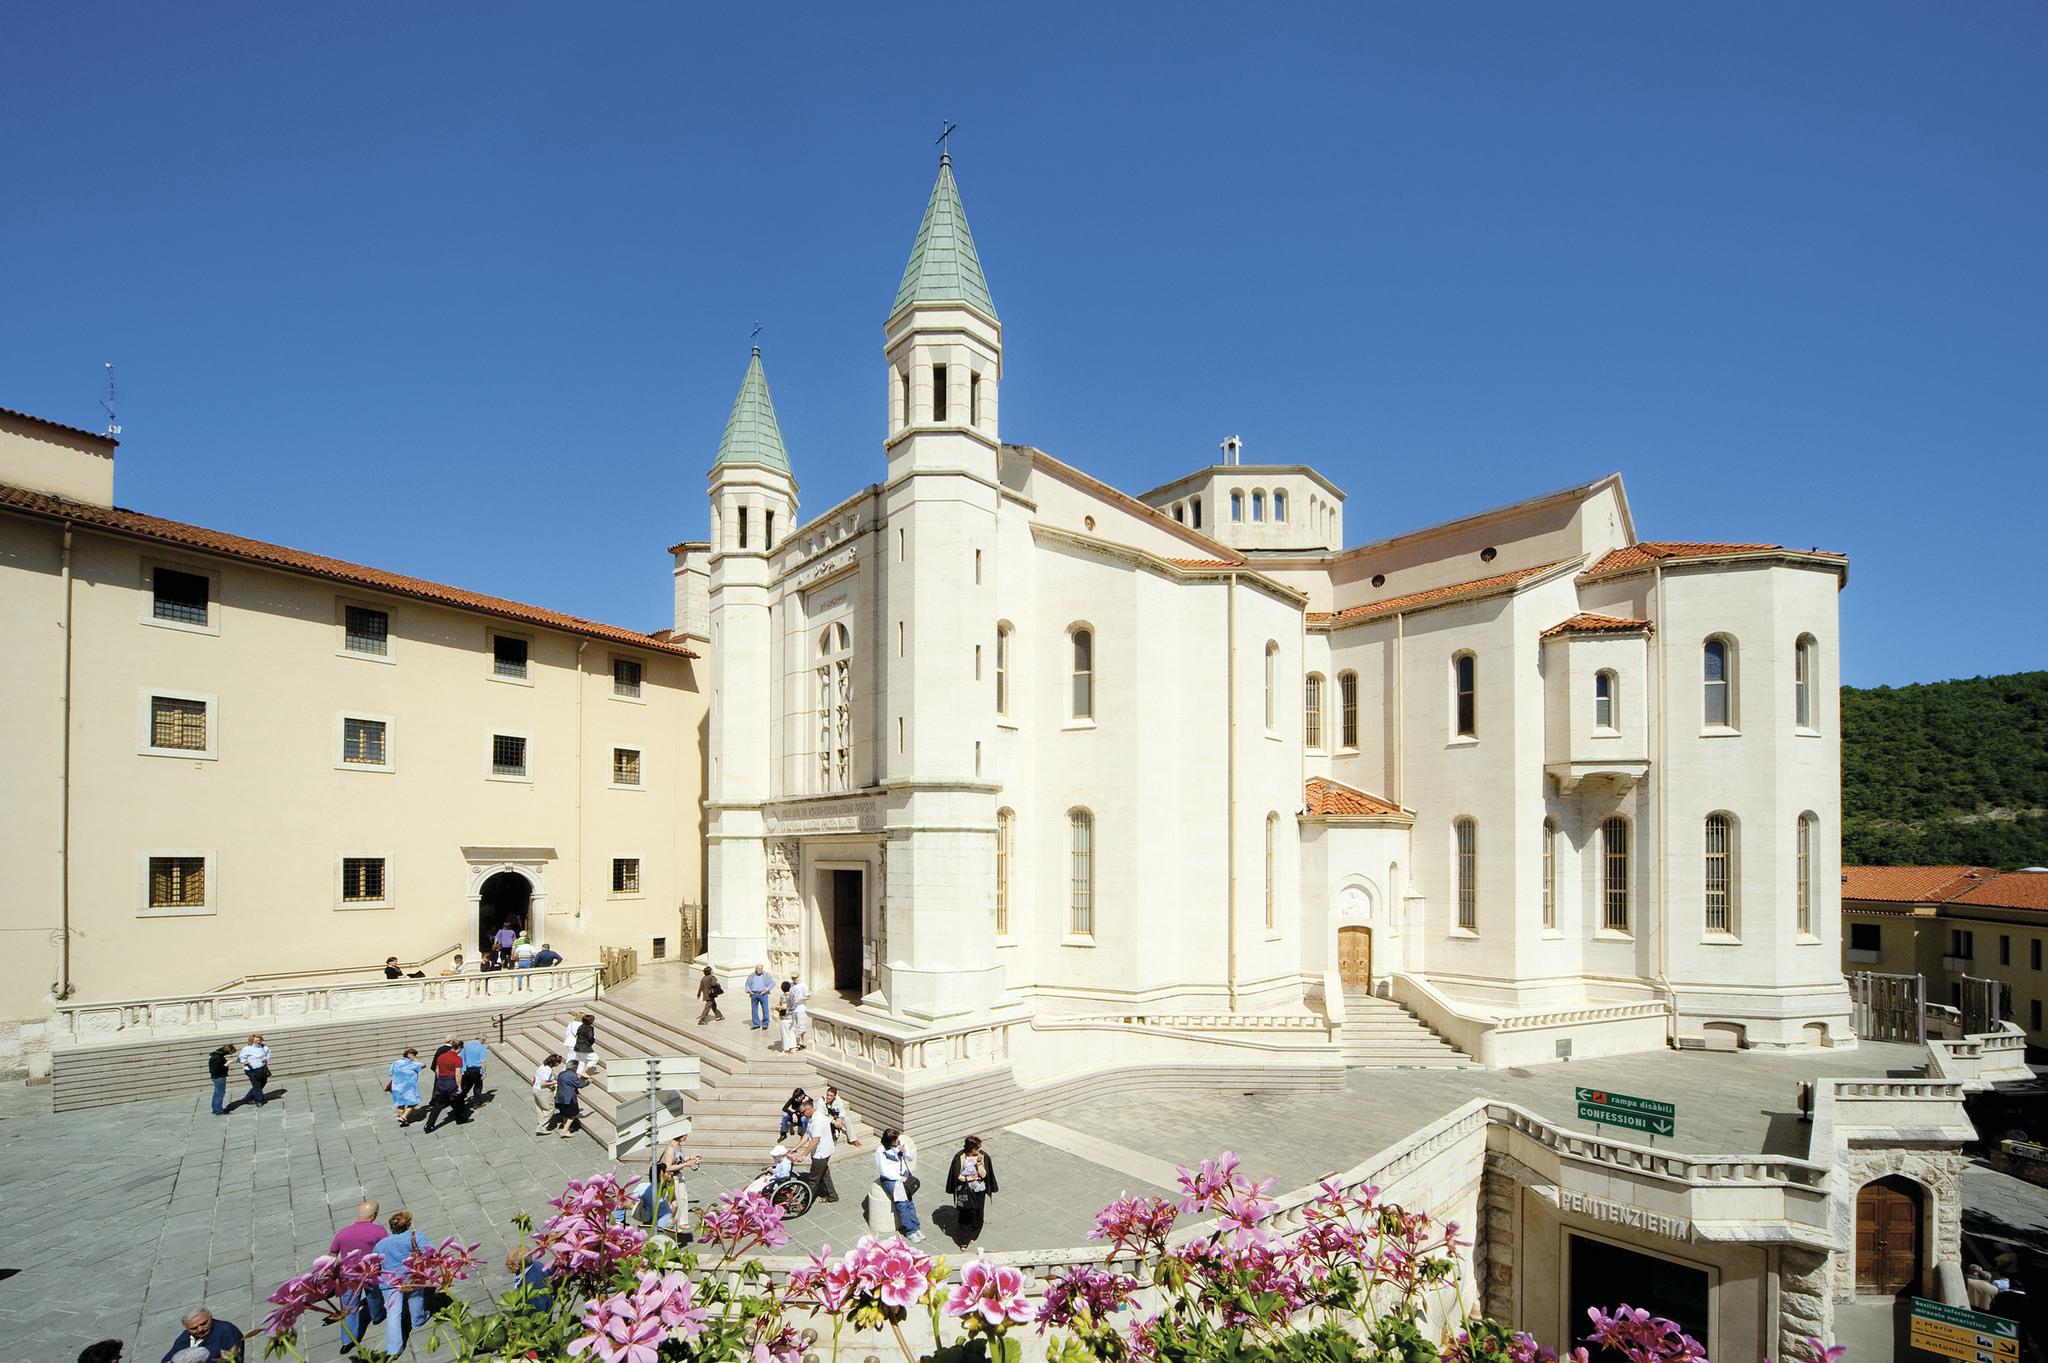 Basilica di santa rita umbria for Basilica di santa rita da cascia